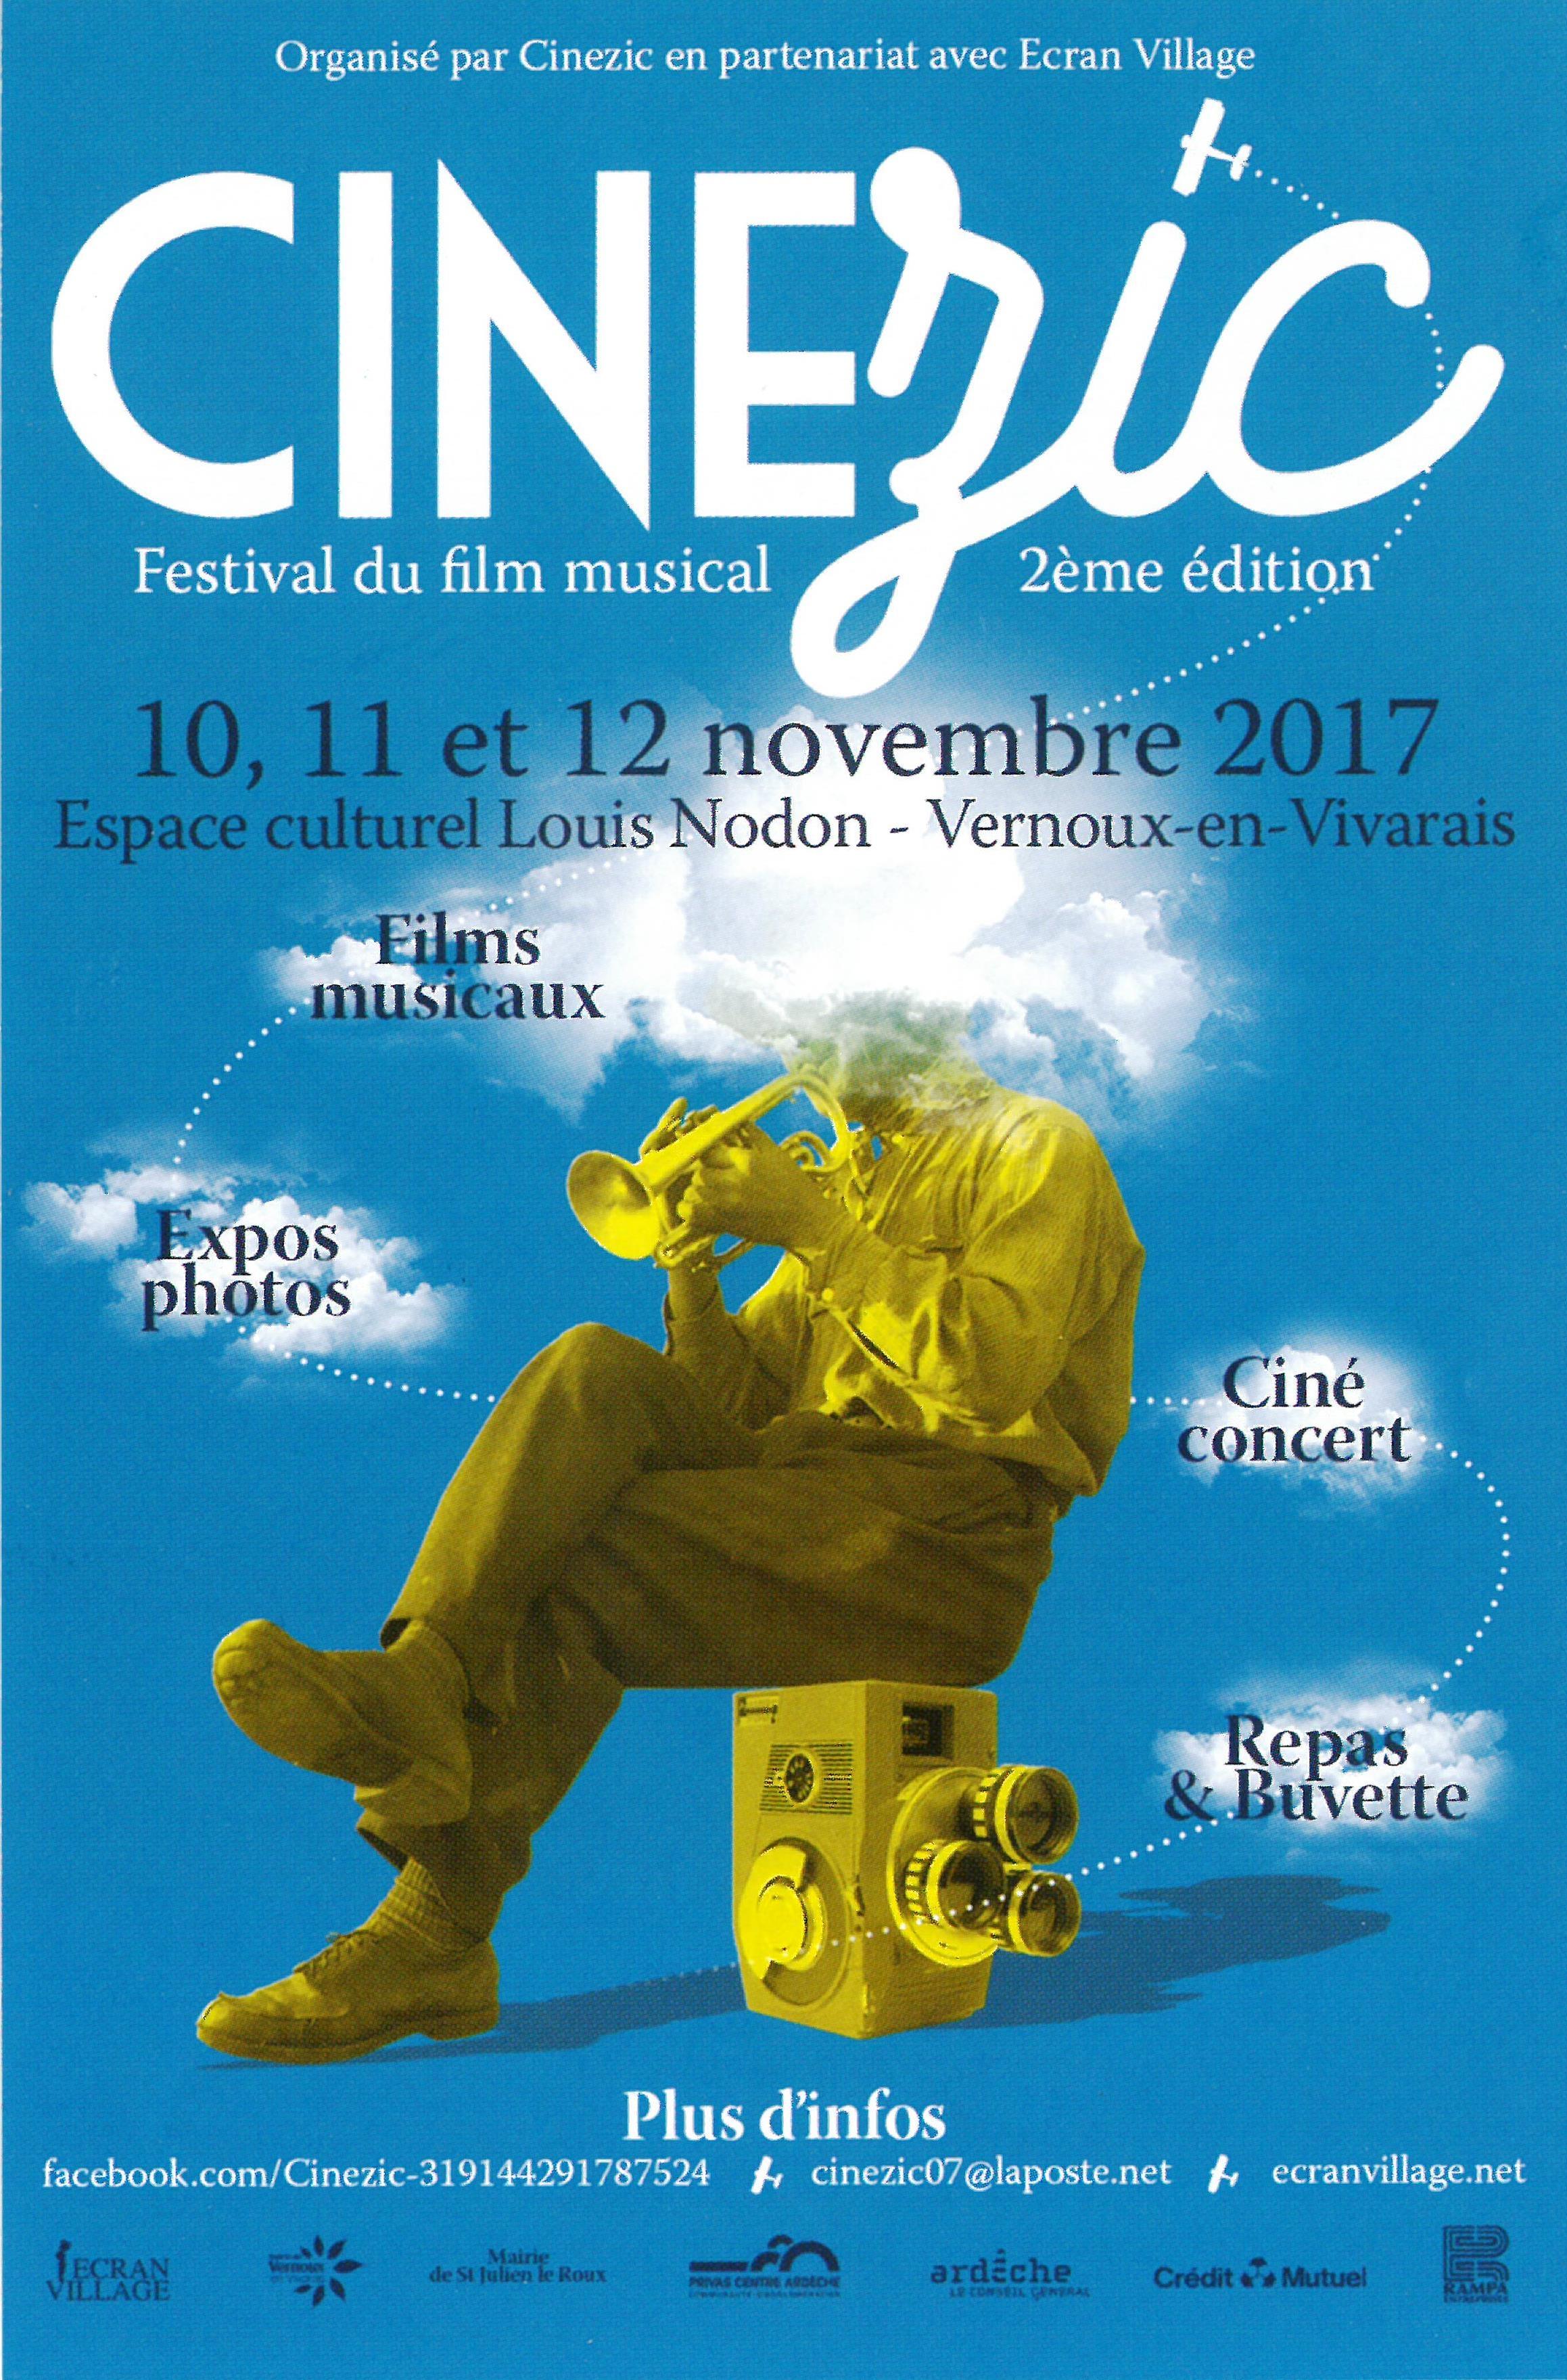 Festival du film musical  Cinézic  (2ème édition)